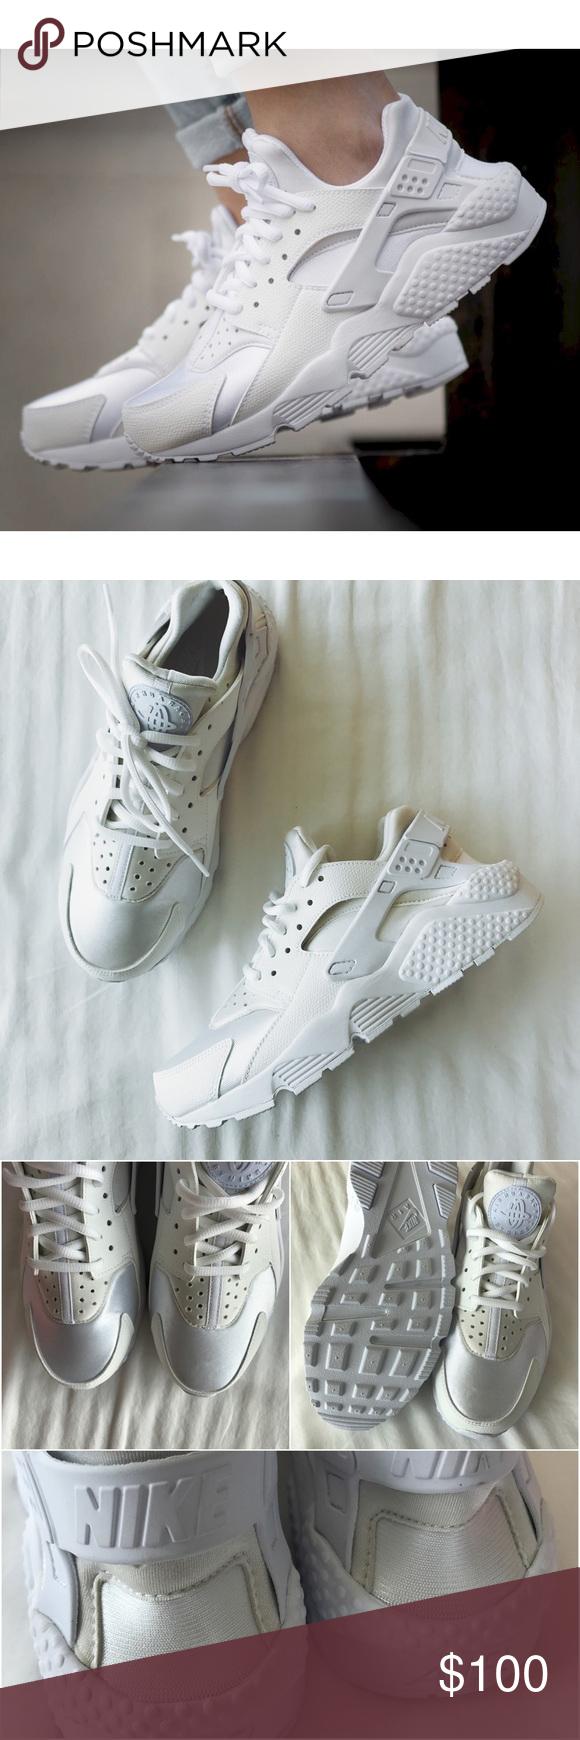 cd20fed2a7ec Nike Triple White Air Huarache Sneakers •White Nike Air Huarache sneakers  •Women s size 8